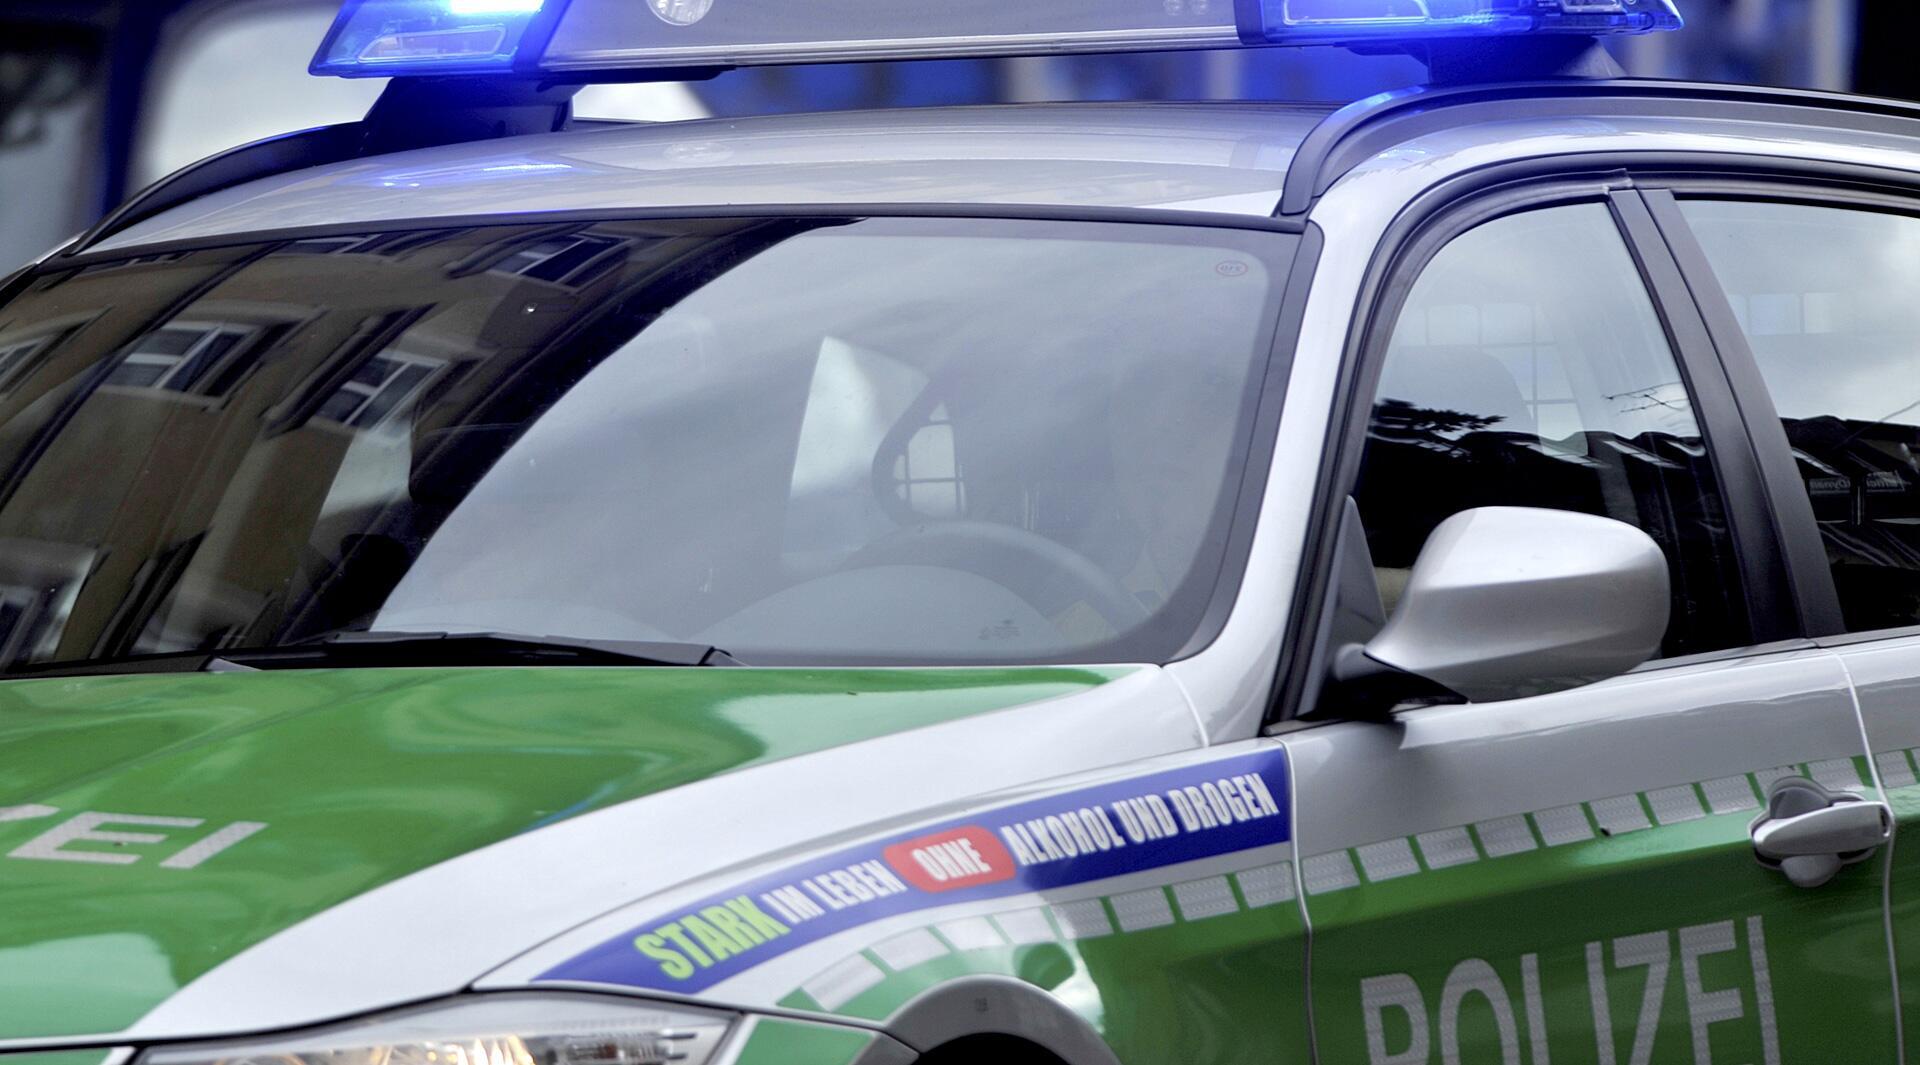 Bild zu Polizei, Motorsäge